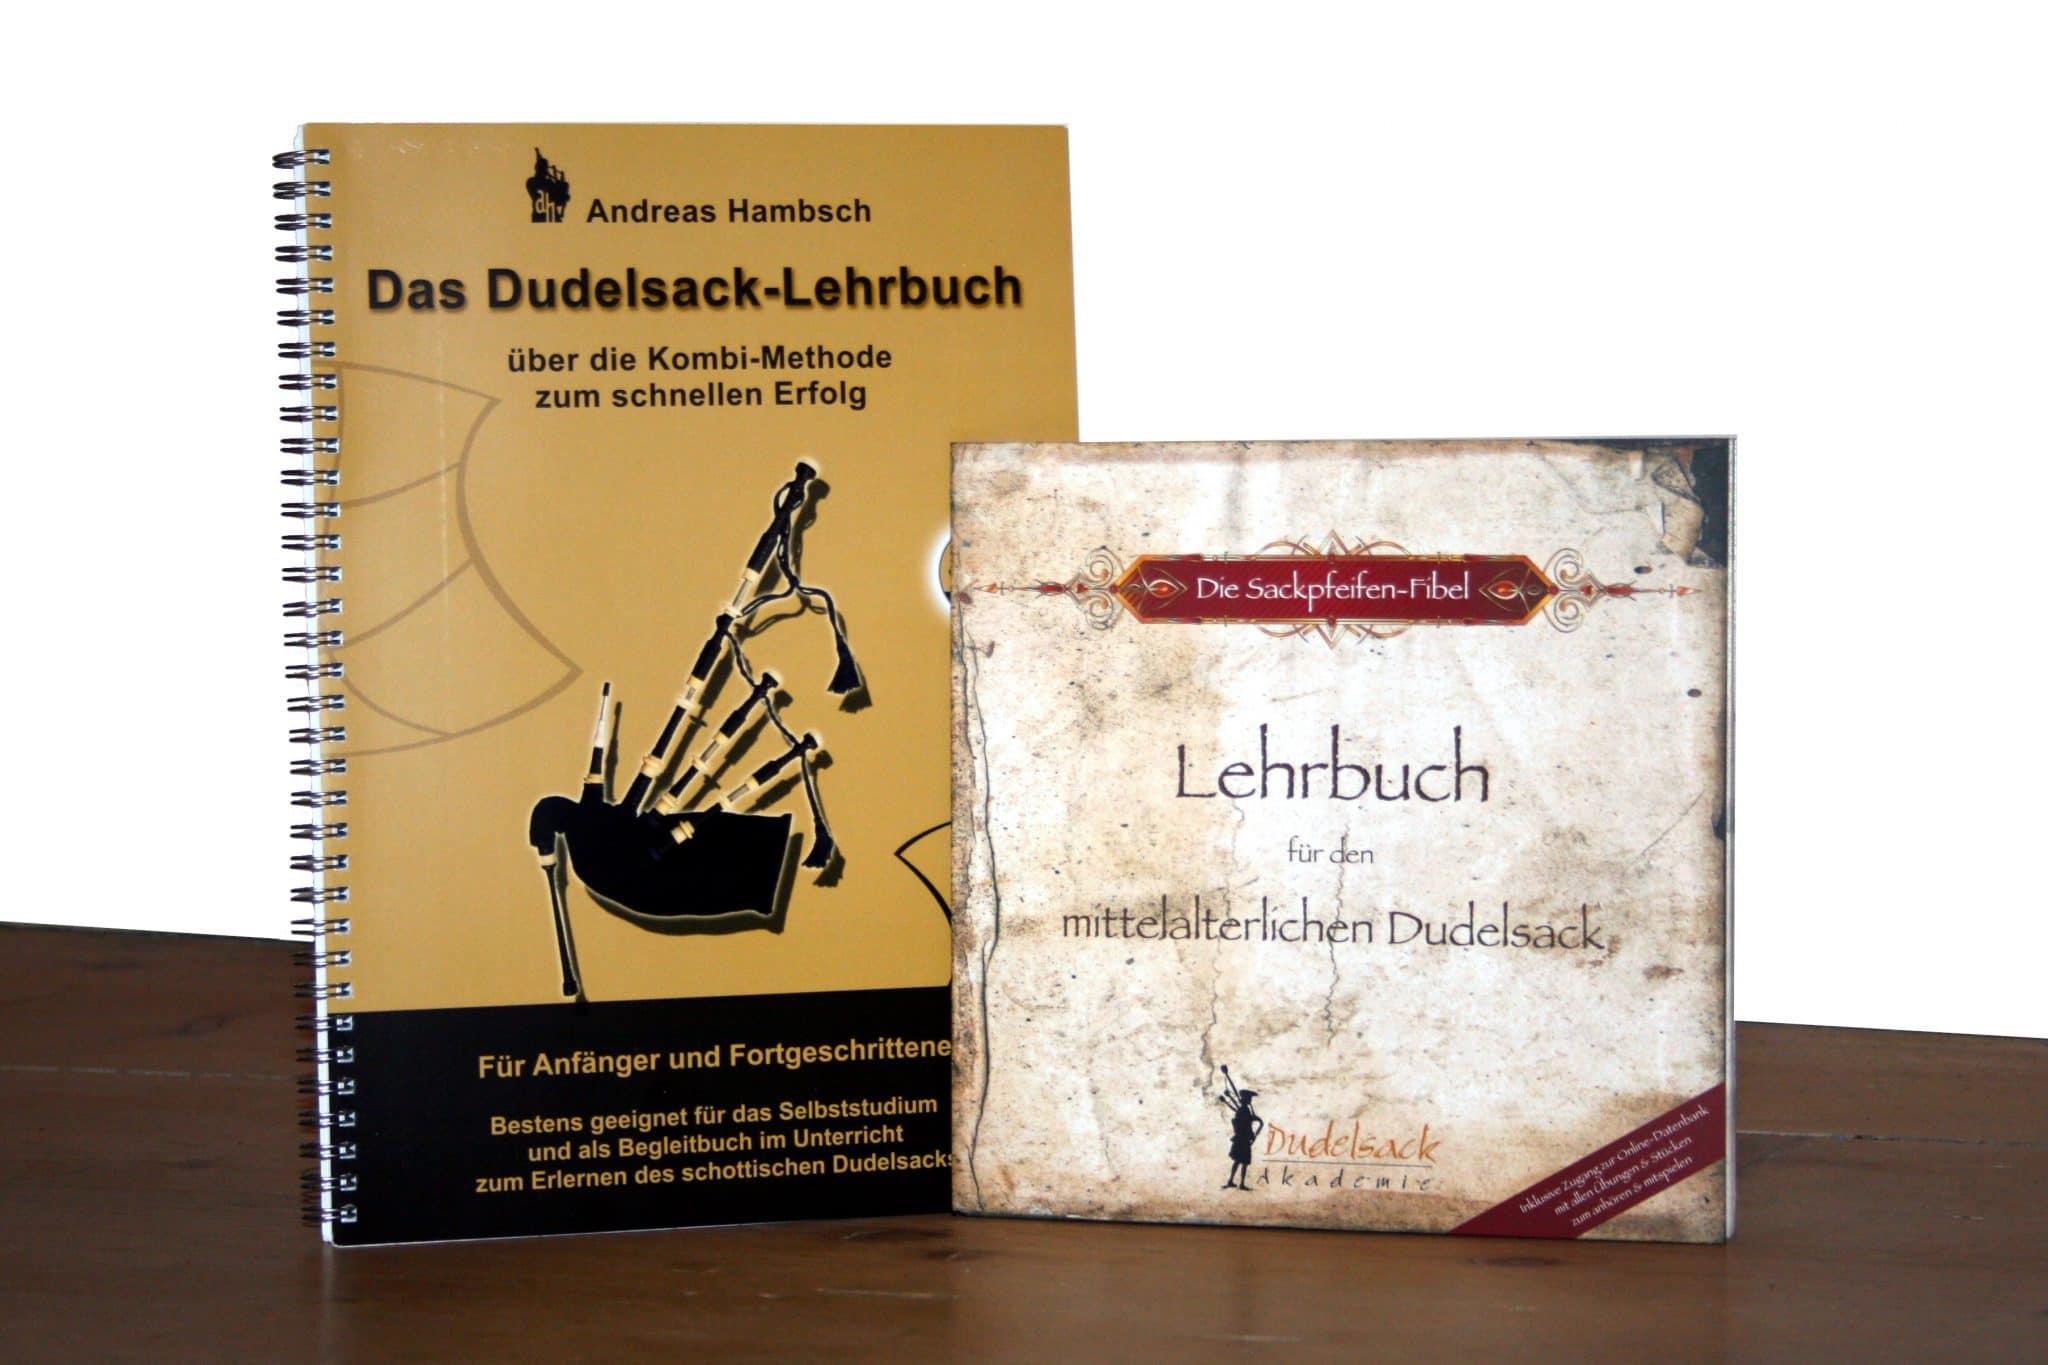 Die beiden besten deutschsprachigen Dudelsack Lehrbücher im Vergleich